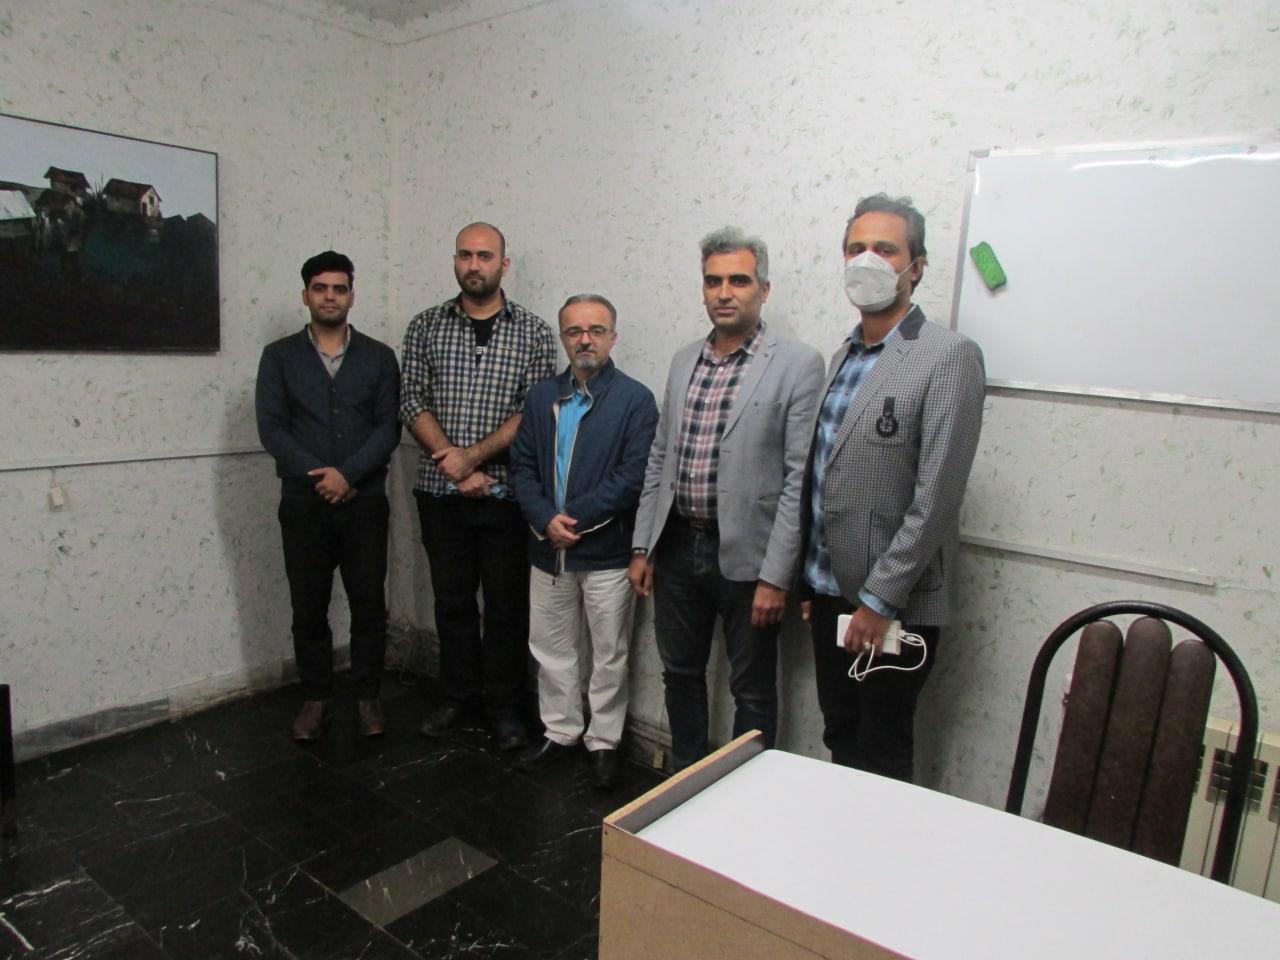 هسته مرکزی انجمن رسانه ی لاهیجان تشکیل شد